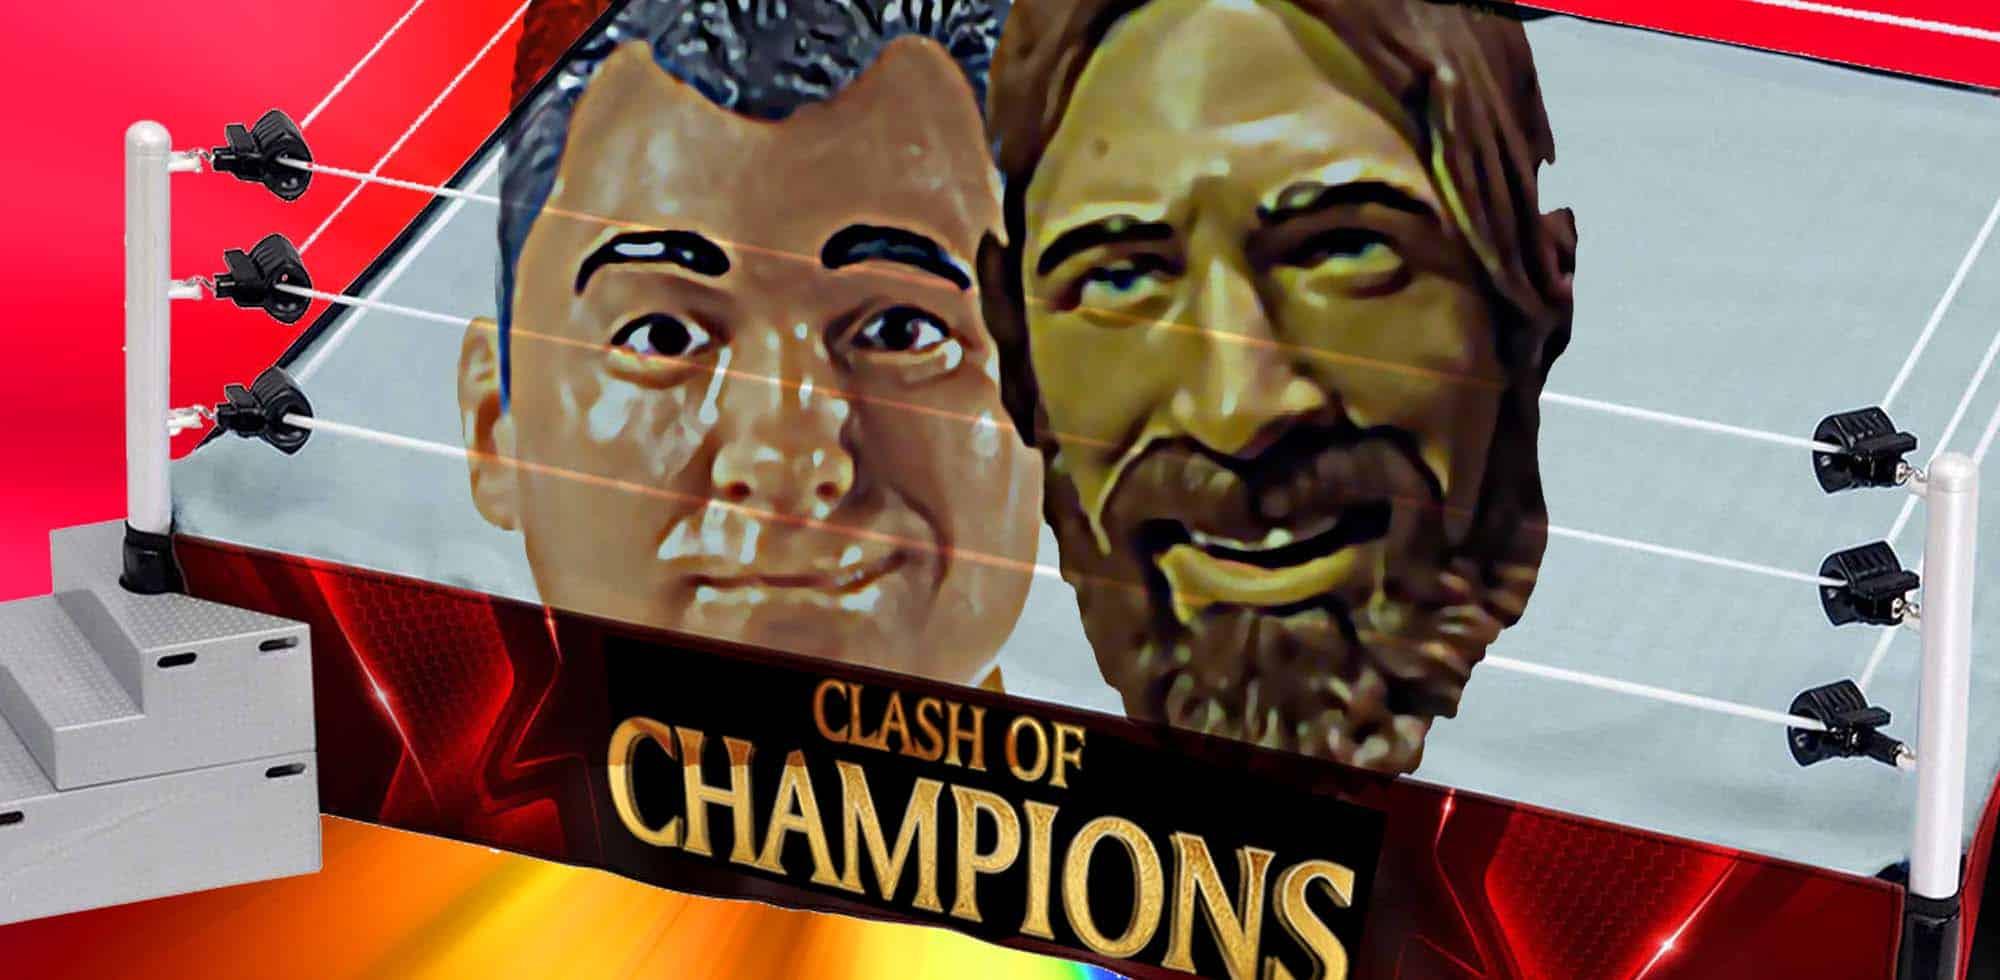 Tres posibles escenarios para la lucha estelar de Clash of Champions 1